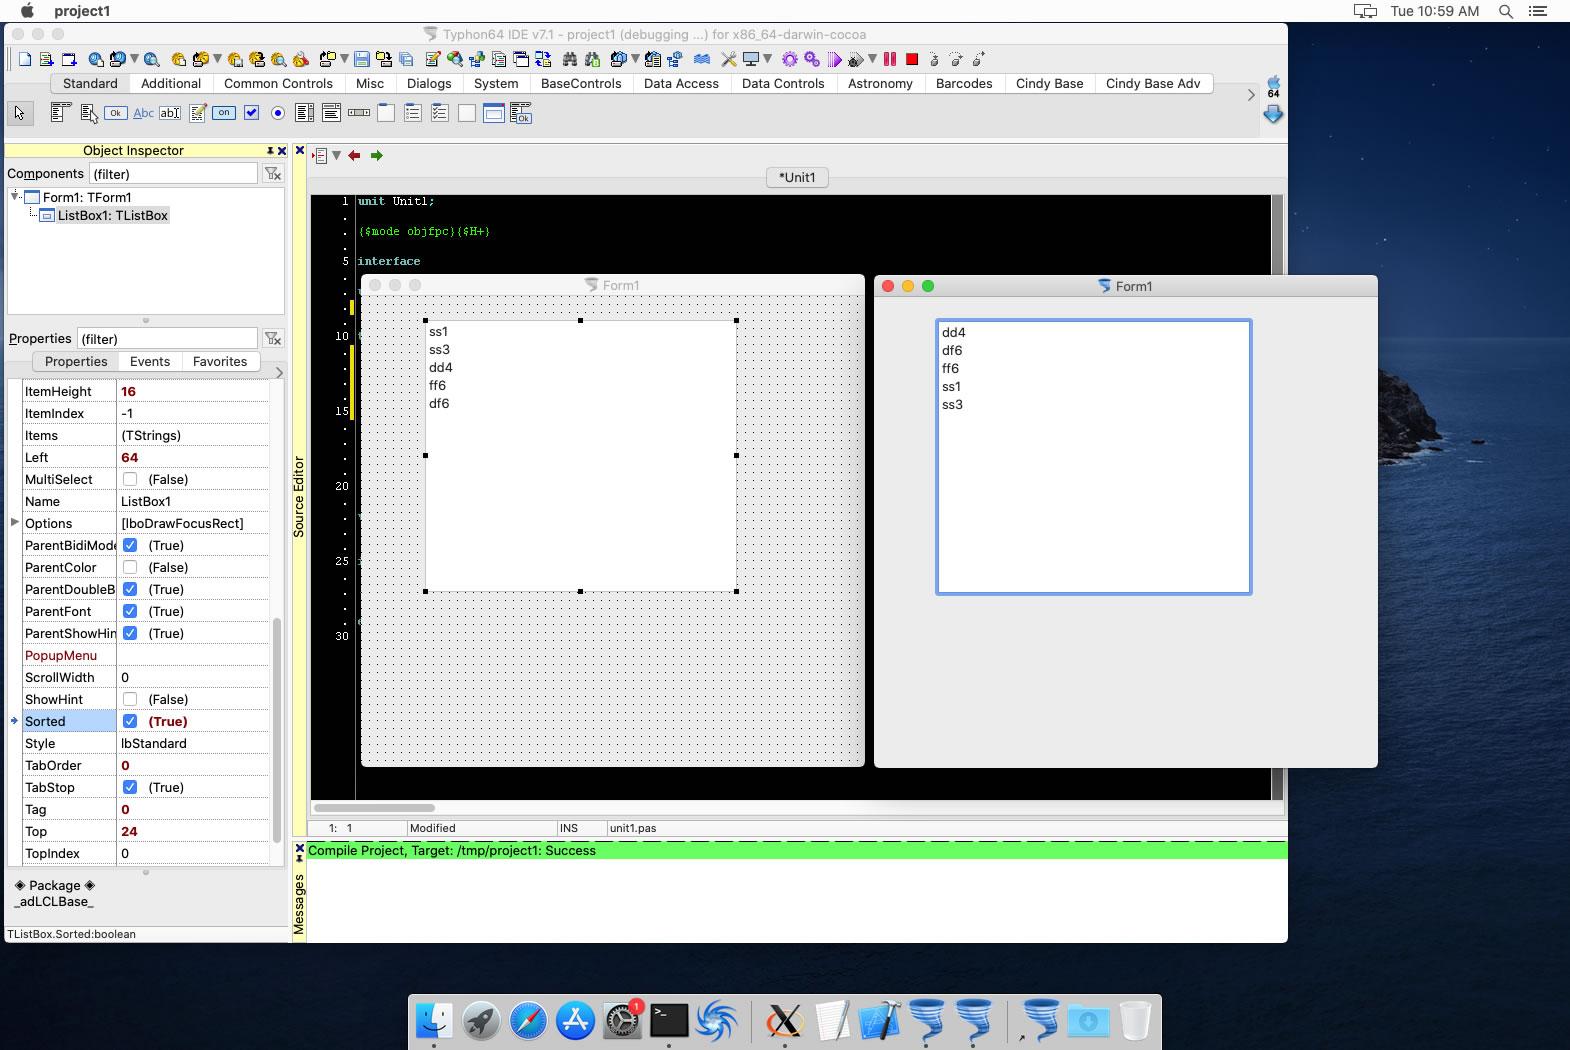 MacOS1015-2020-03-17-1.jpg